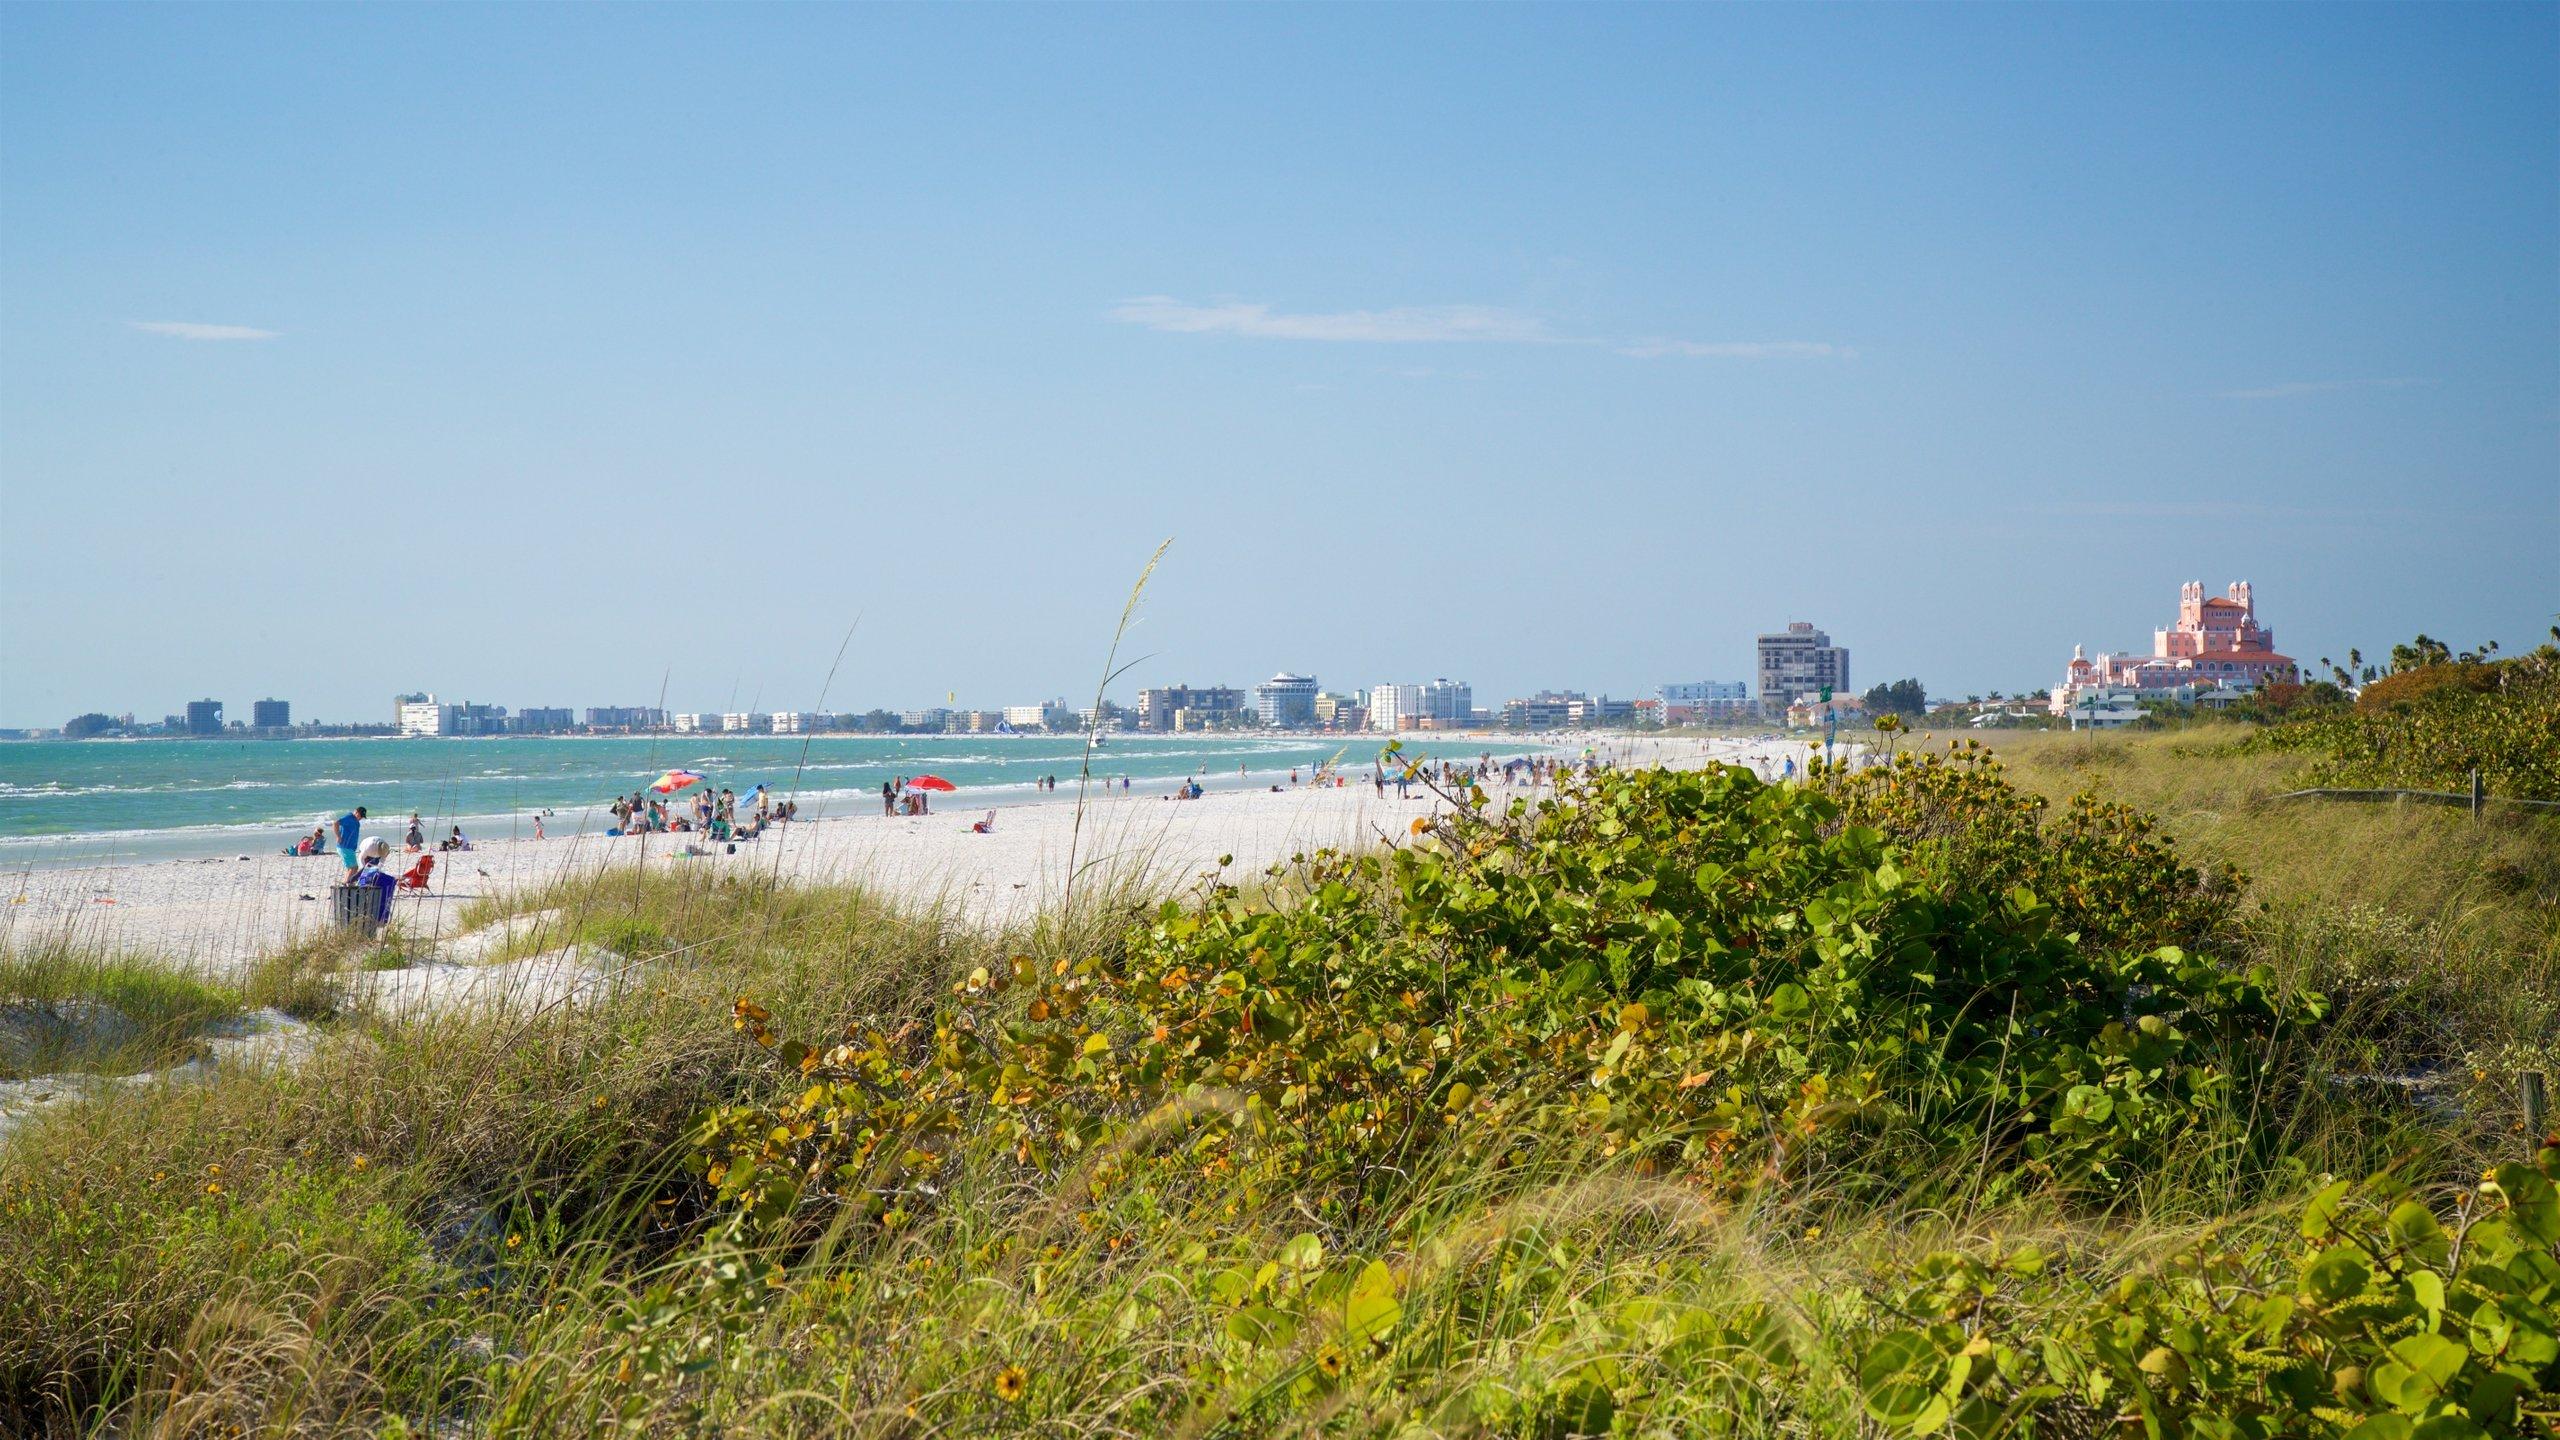 Pass-a-Grille, St. Pete Beach, Florida, USA